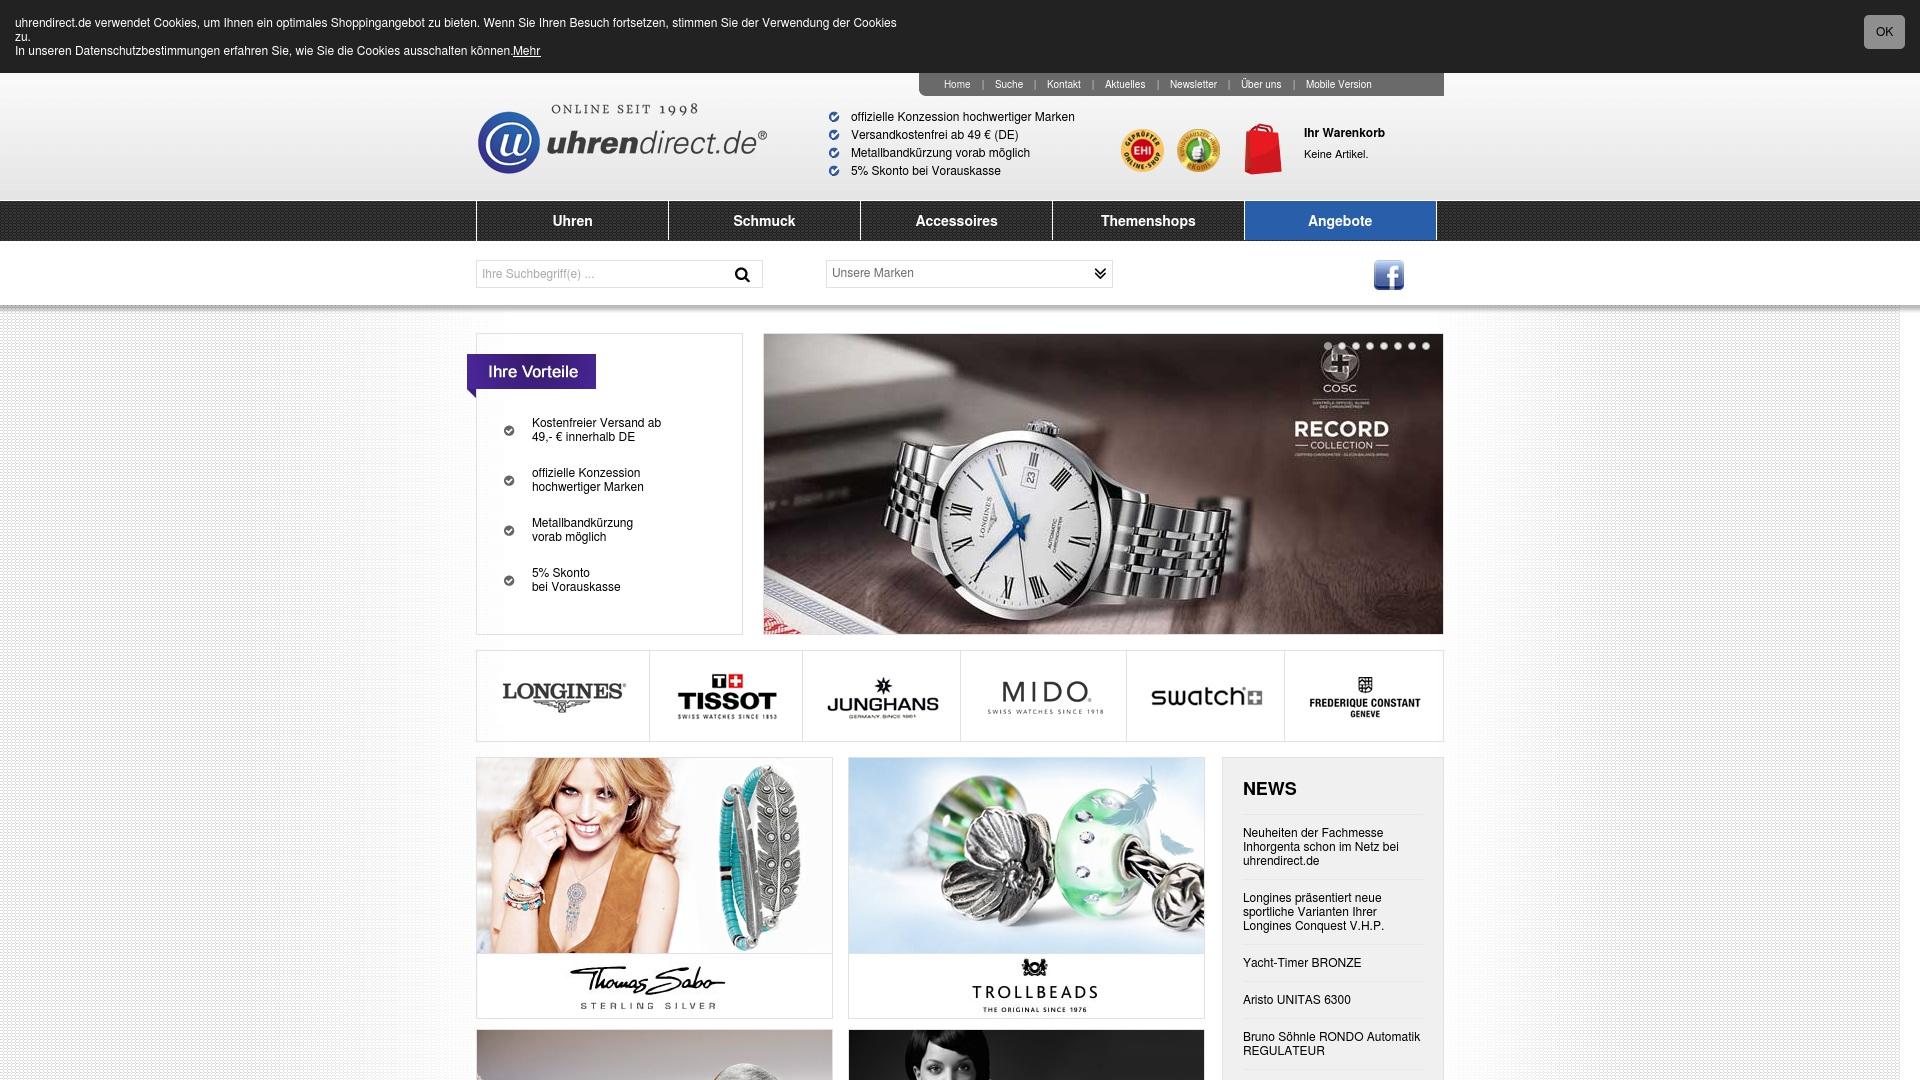 Gutschein für Uhrendirect: Rabatte für  Uhrendirect sichern